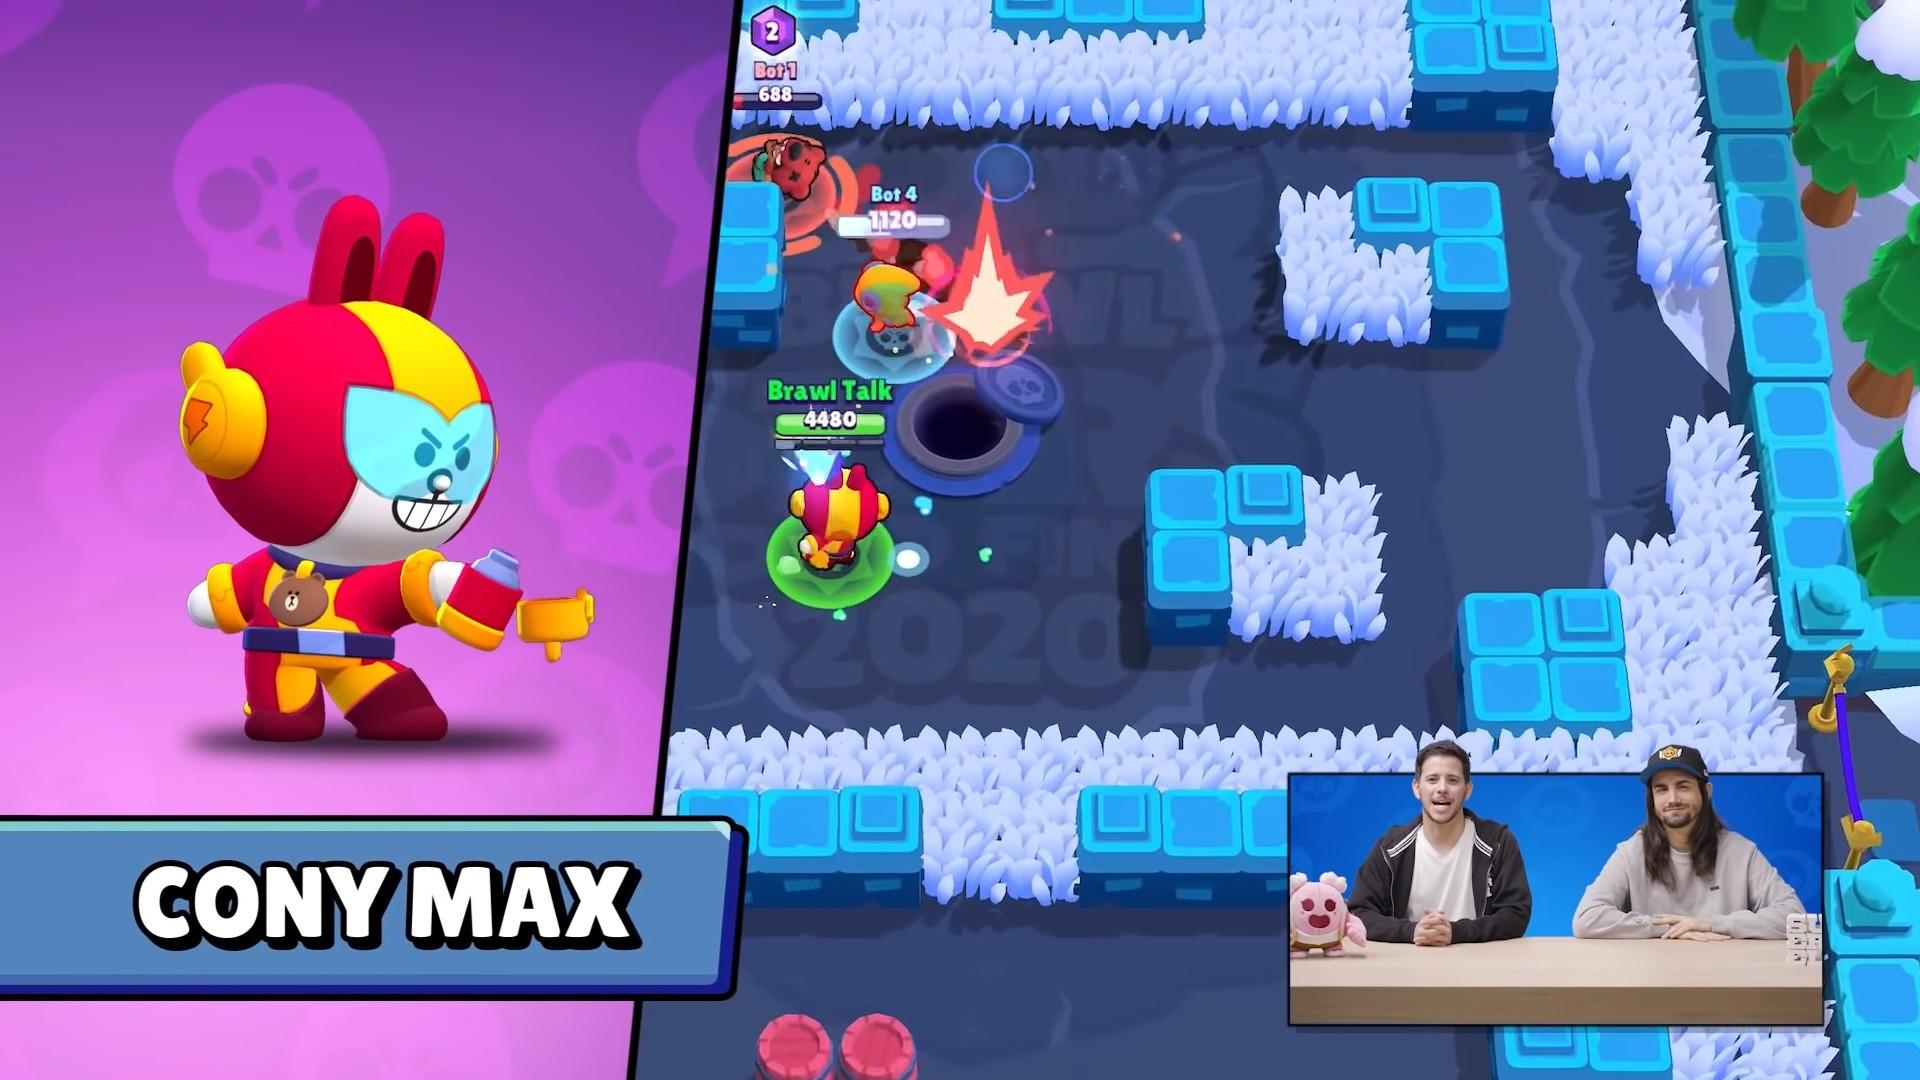 Cony_max